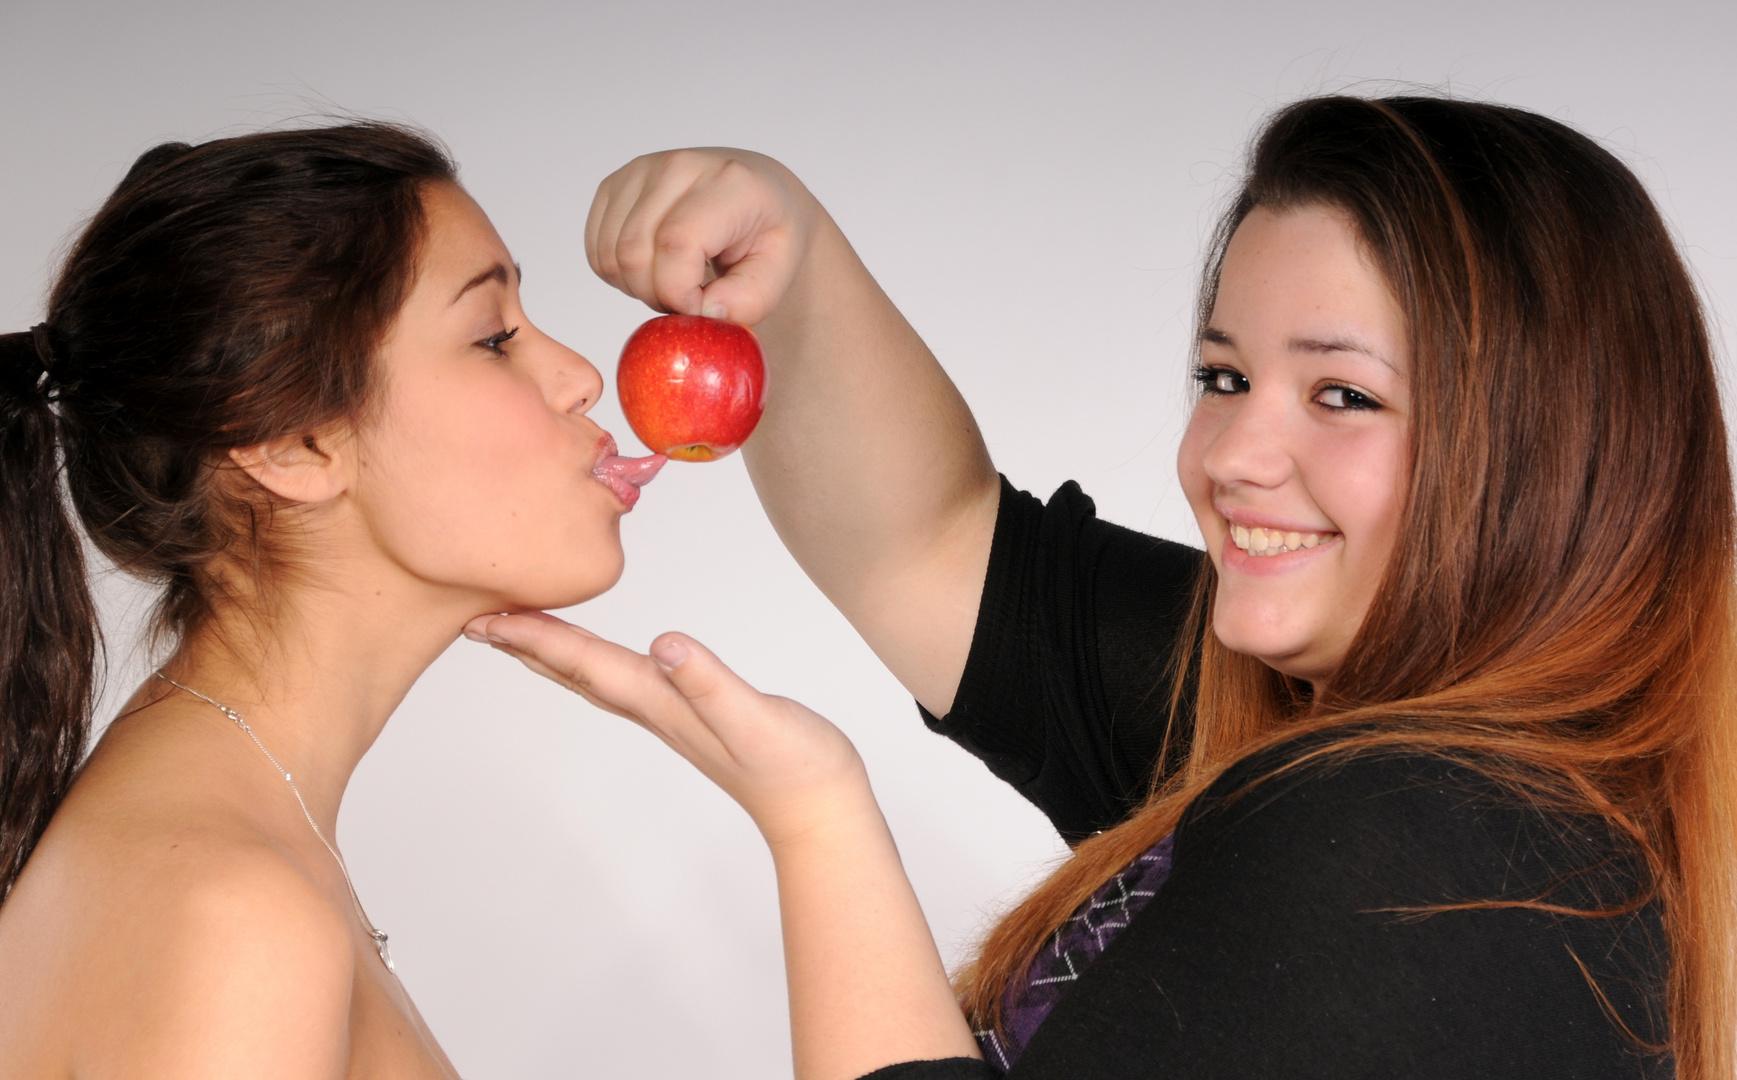 und ewig lockt .... nein nicht das Weib sondern ..... nur der Apfel !